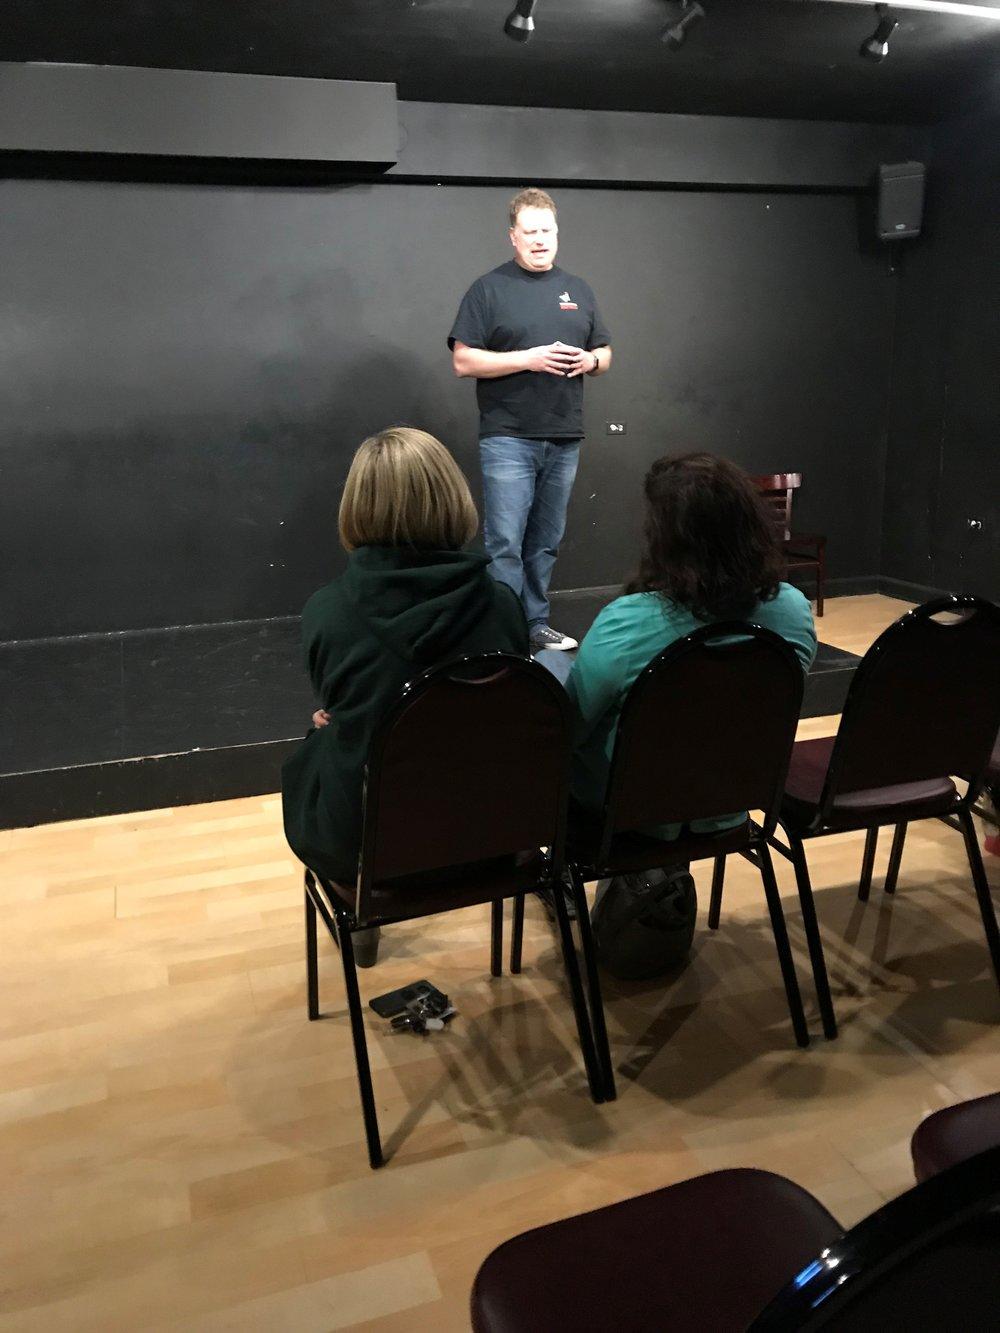 Westside Improv founder Jeff Ash